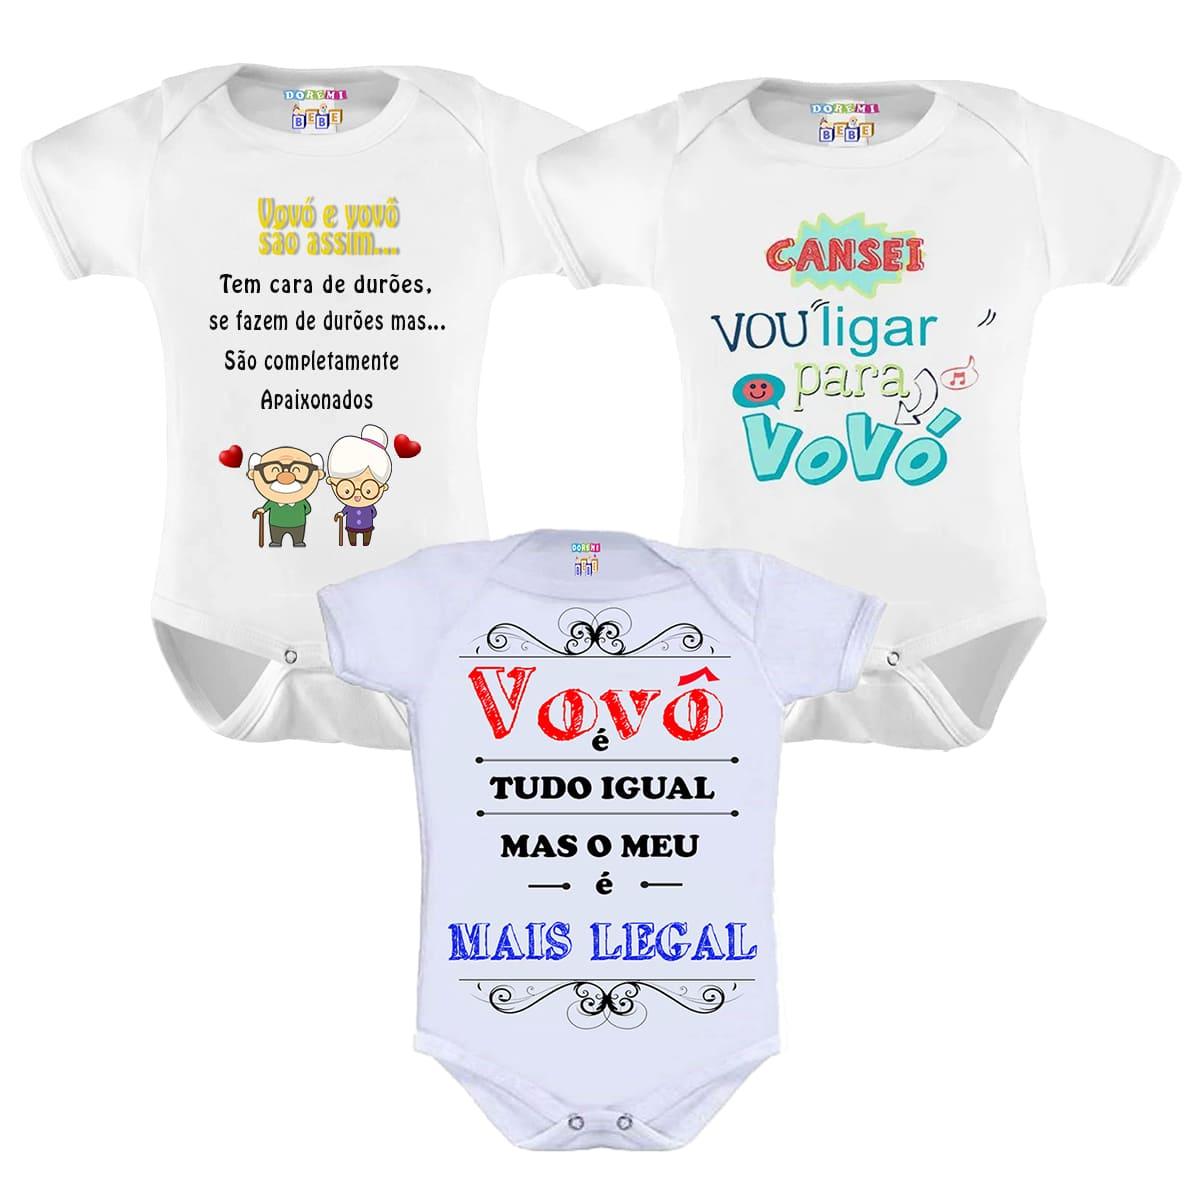 Kit Com 3 Bodys de Bebê Vovó e Vovô Personalizado